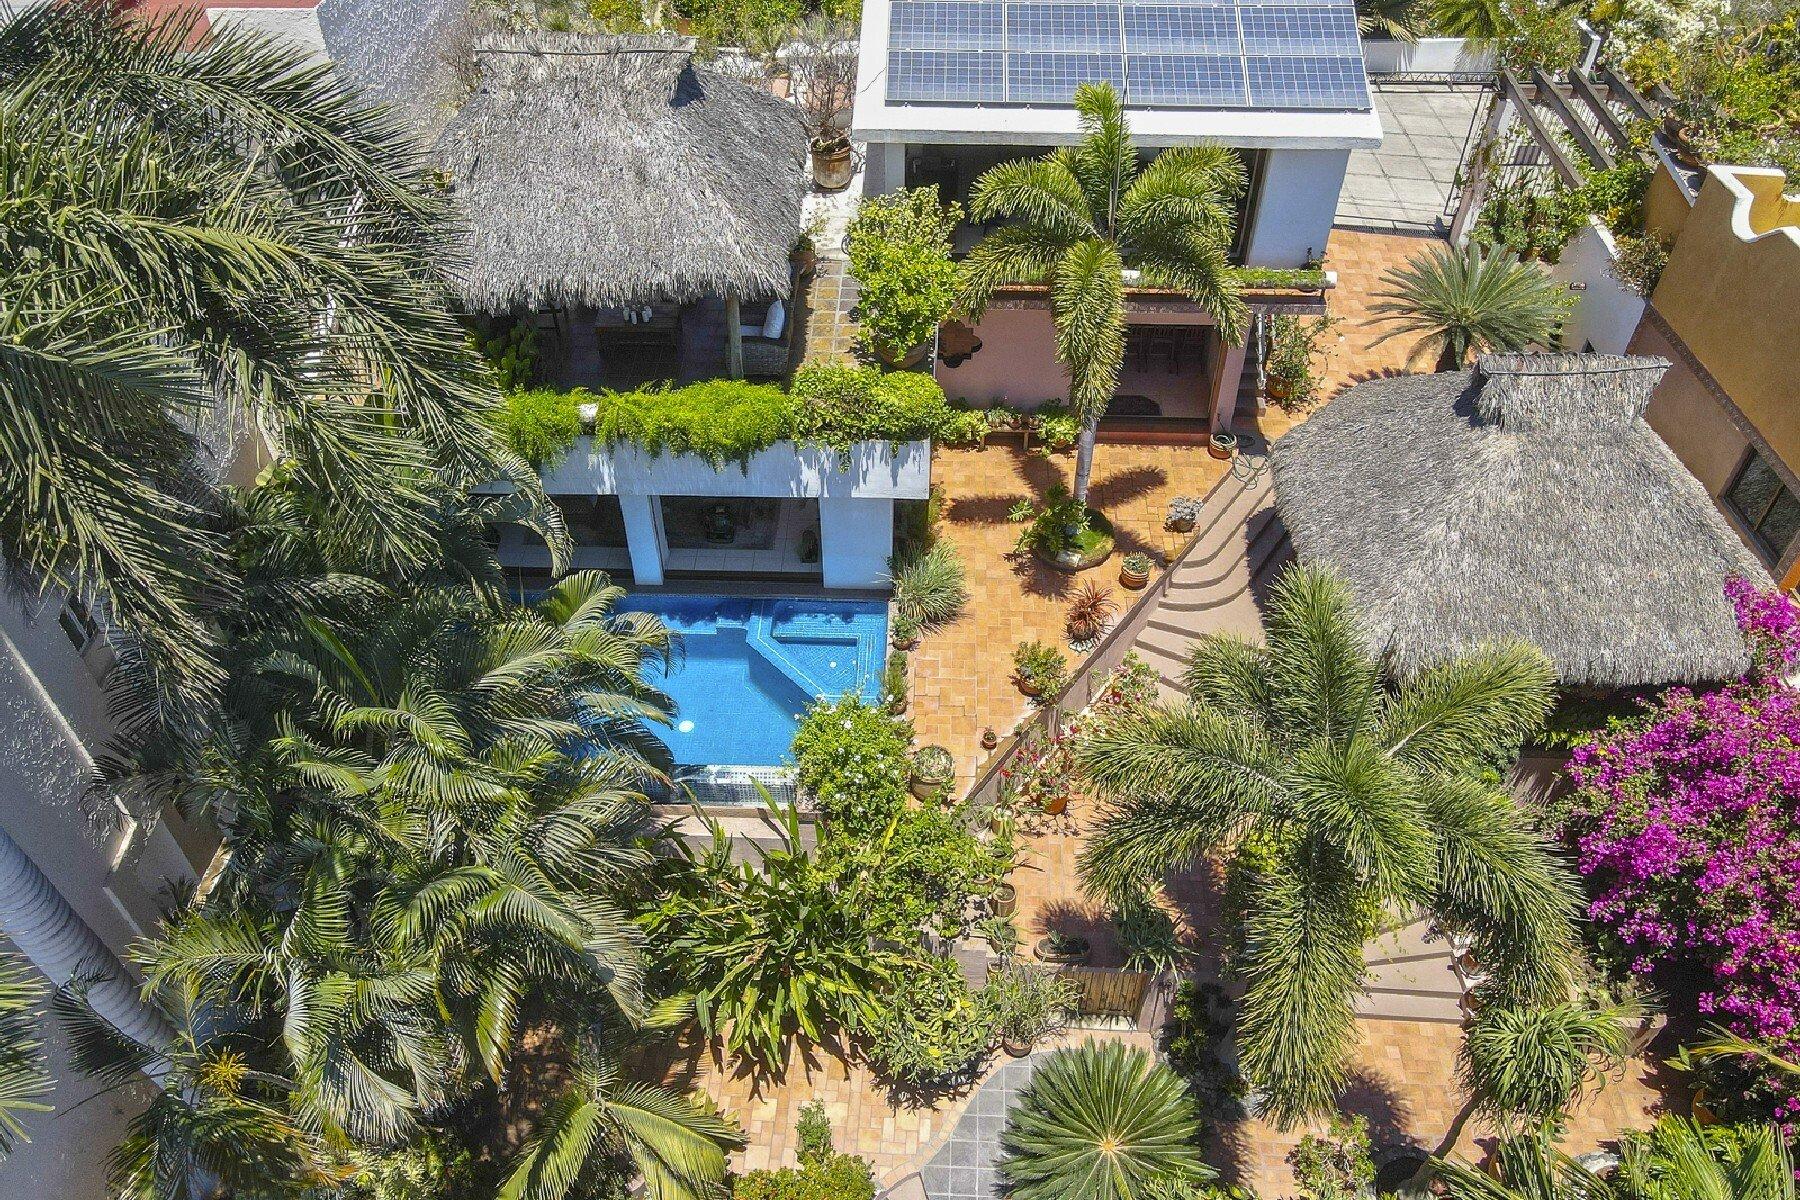 Casa a Manzanillo, Colima, Messico 1 - 11444806